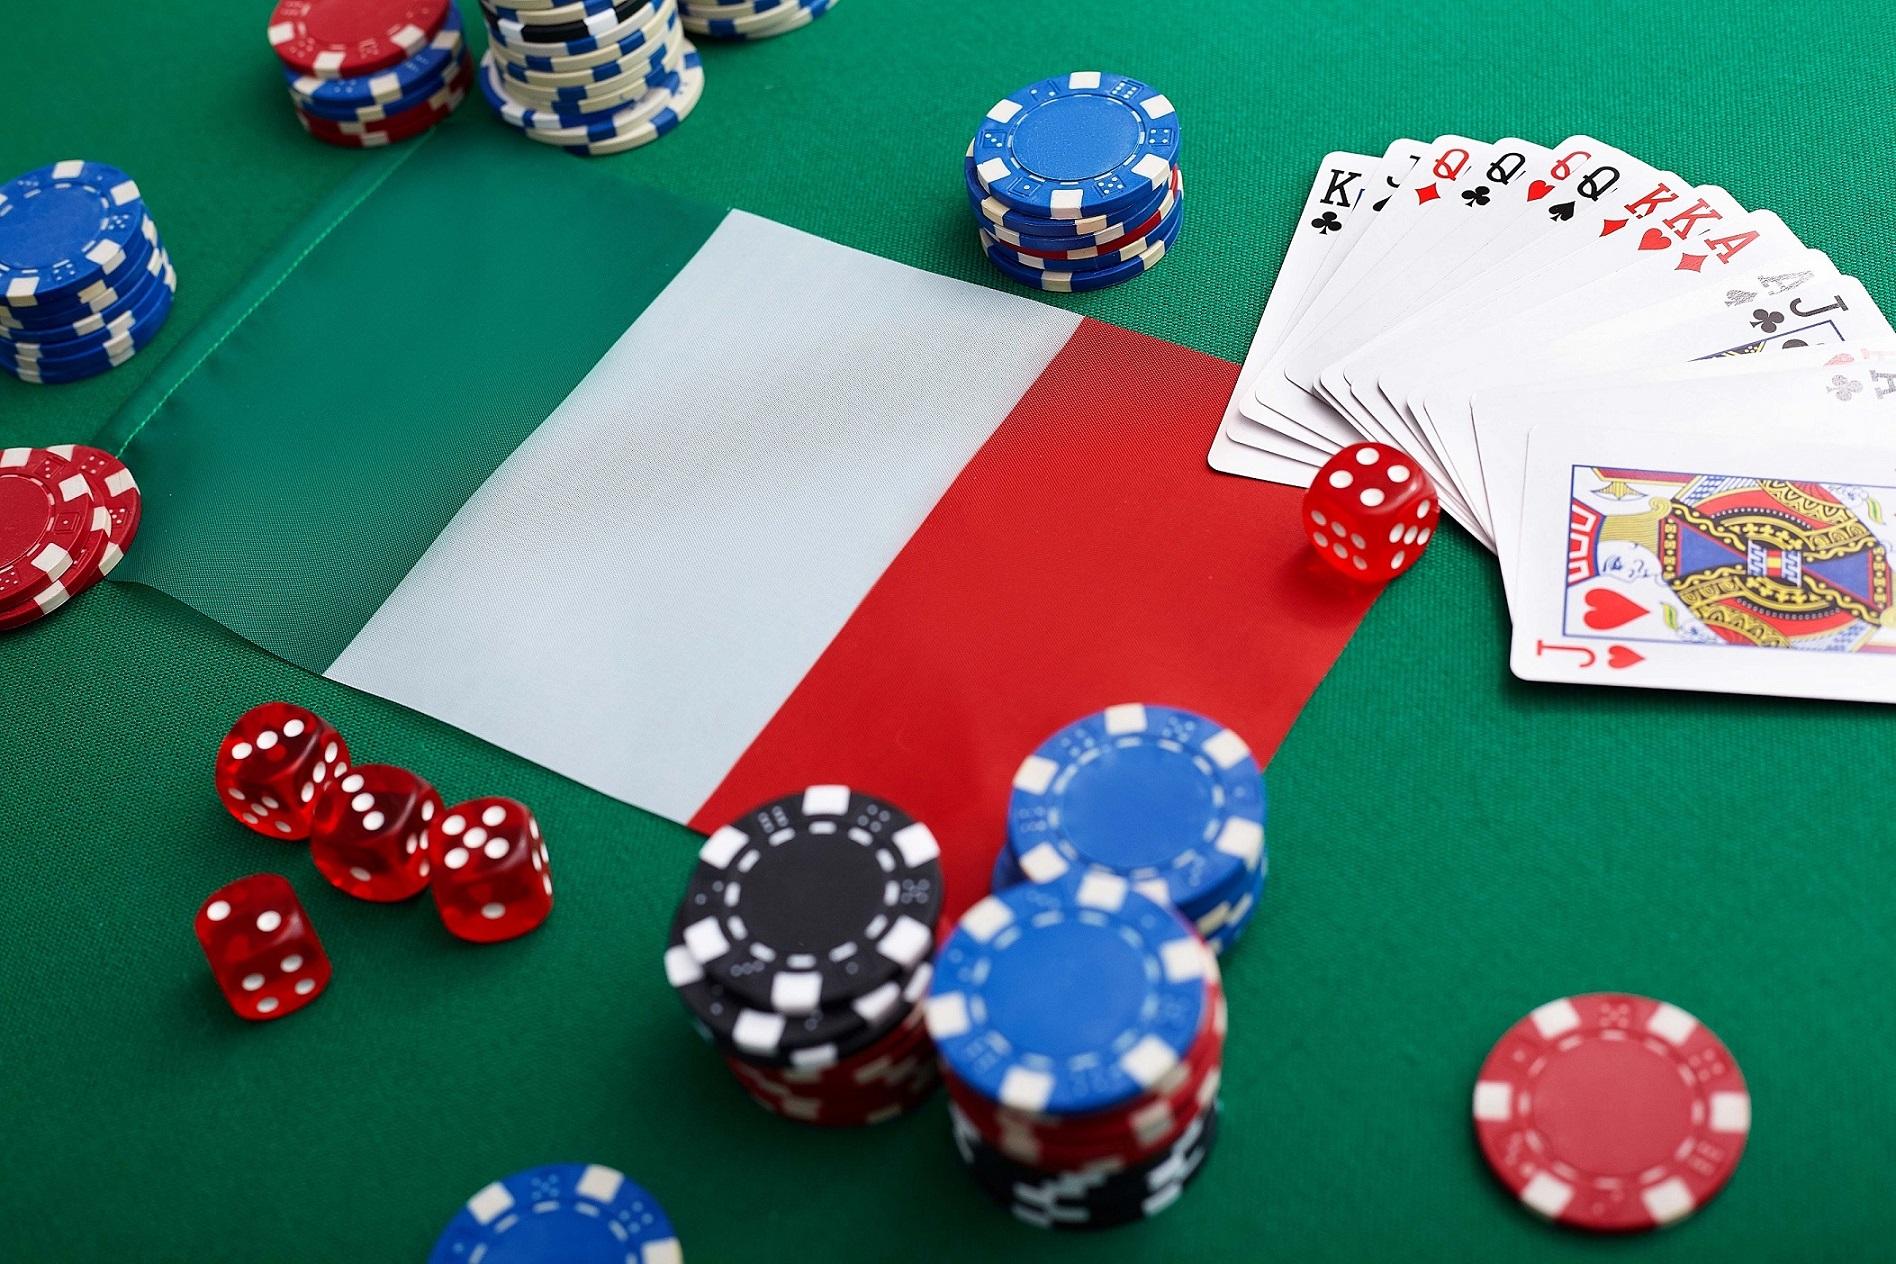 Poker leggere gli avversari 91324